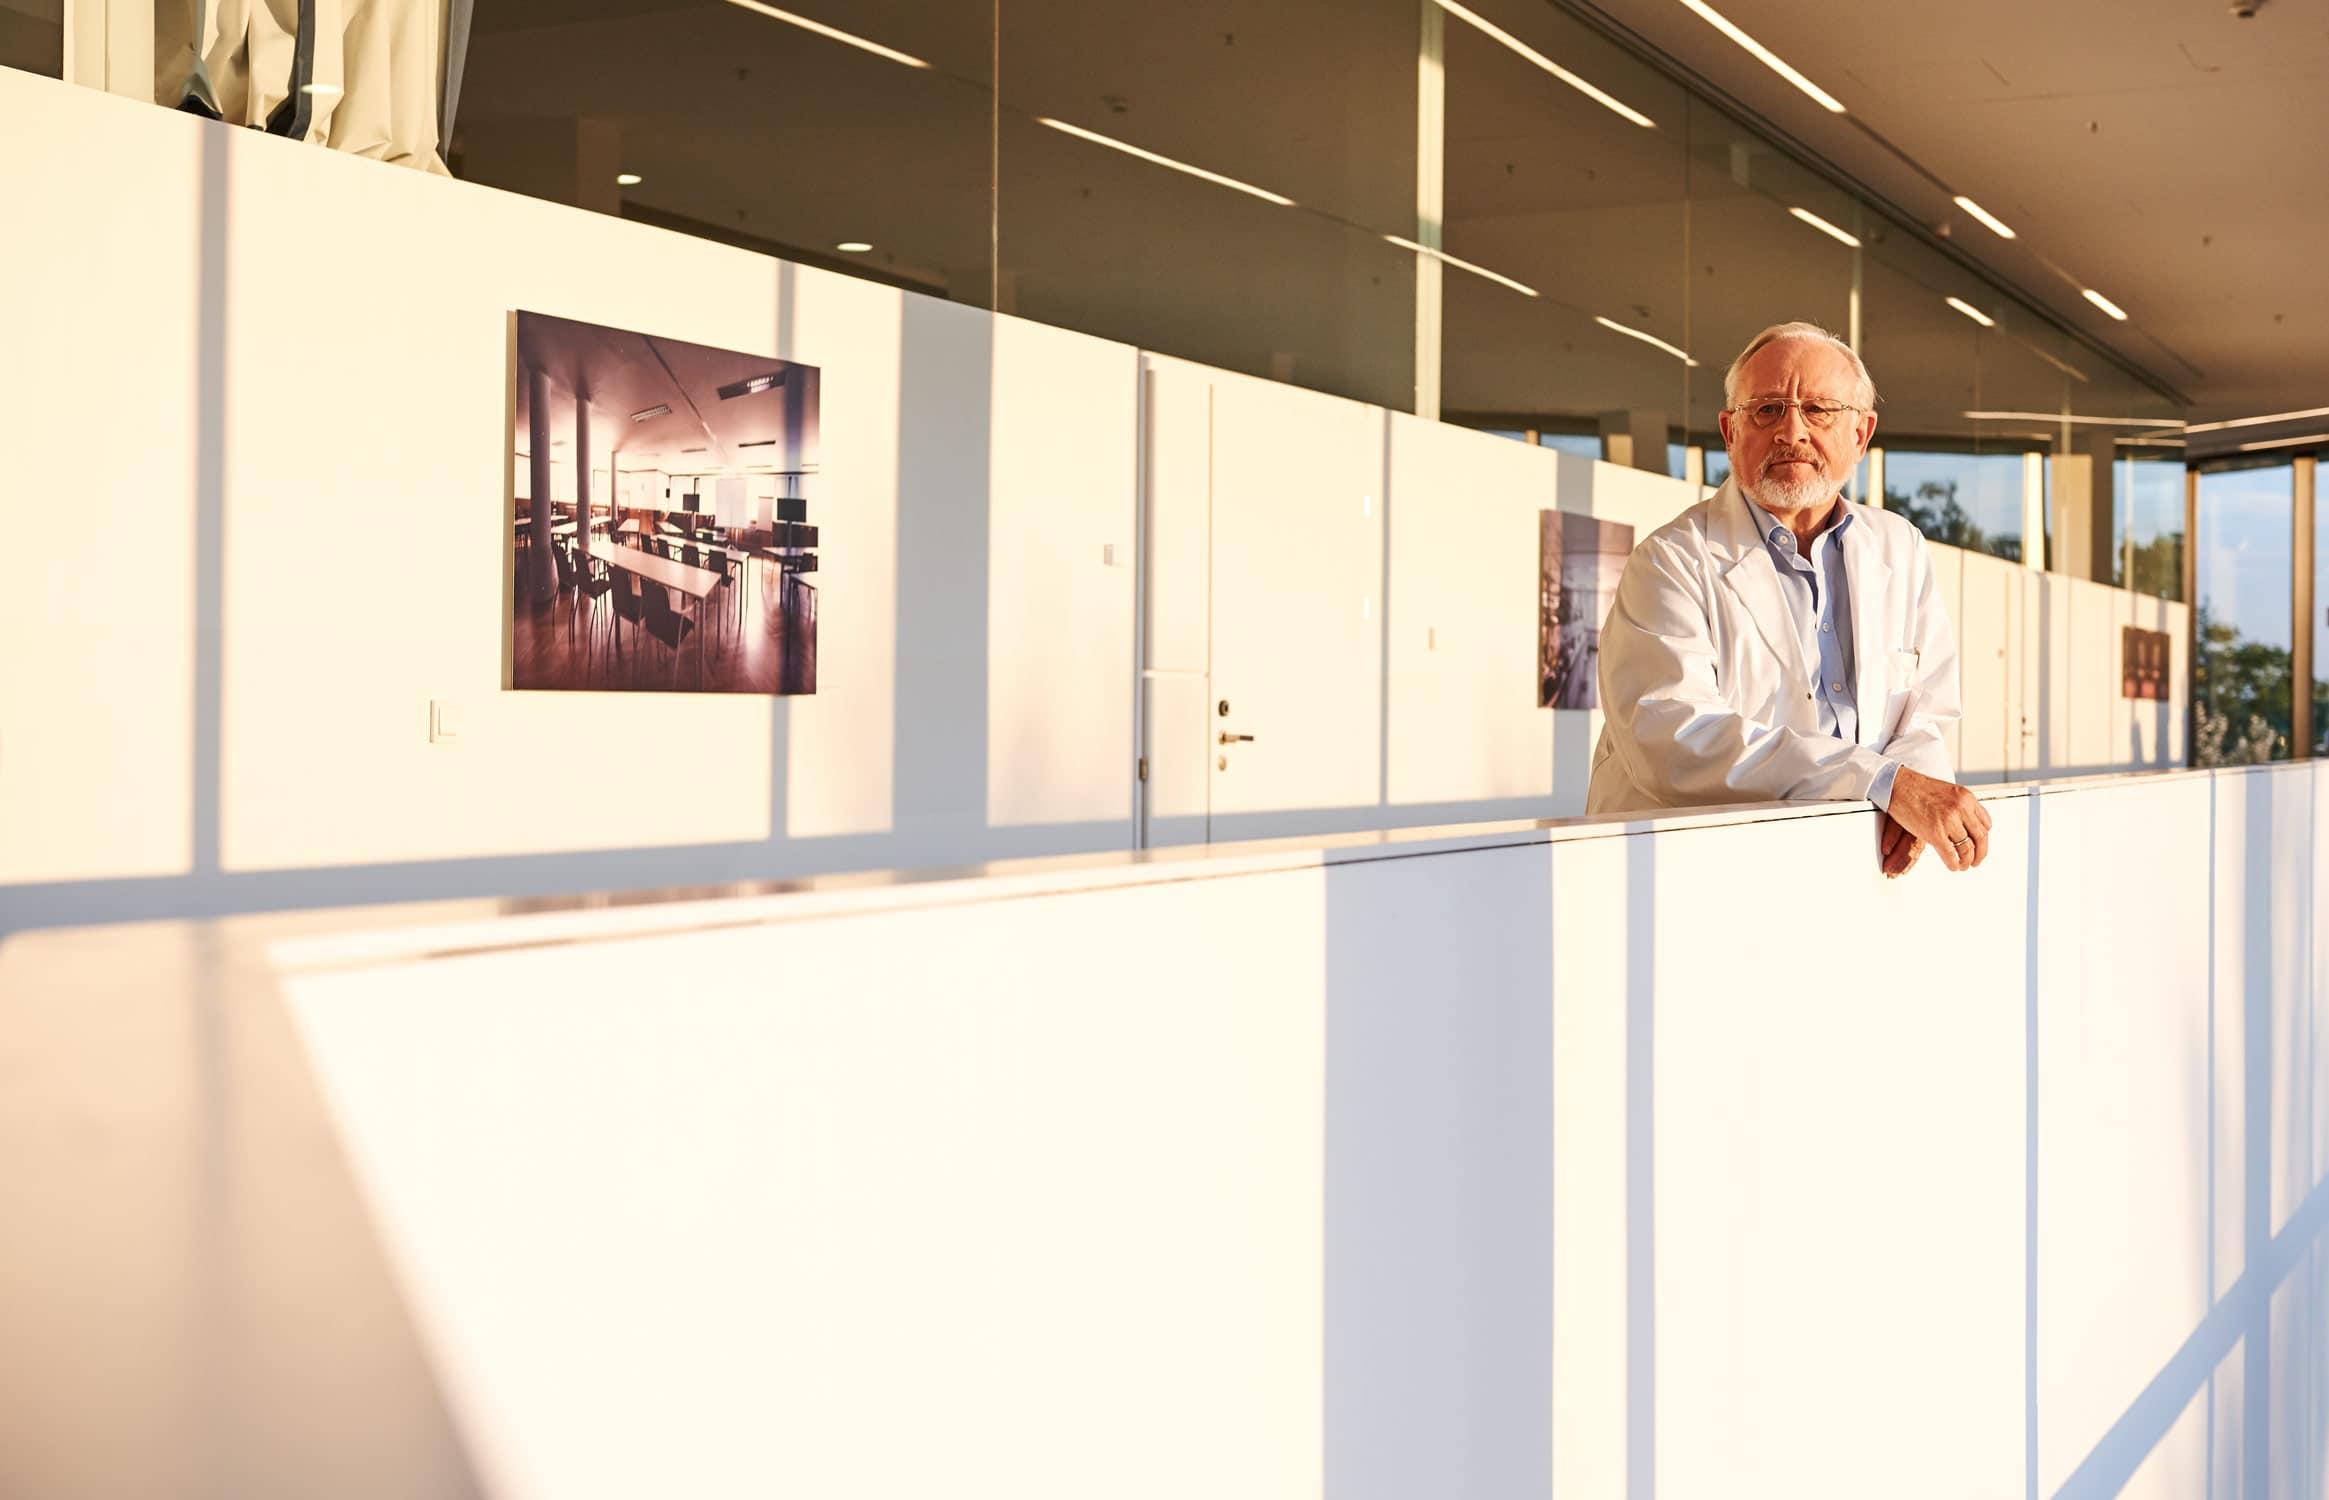 Portrait von einem Forschungsprofessor der sich im Sonnenlicht auf der Brüstung aufstützt